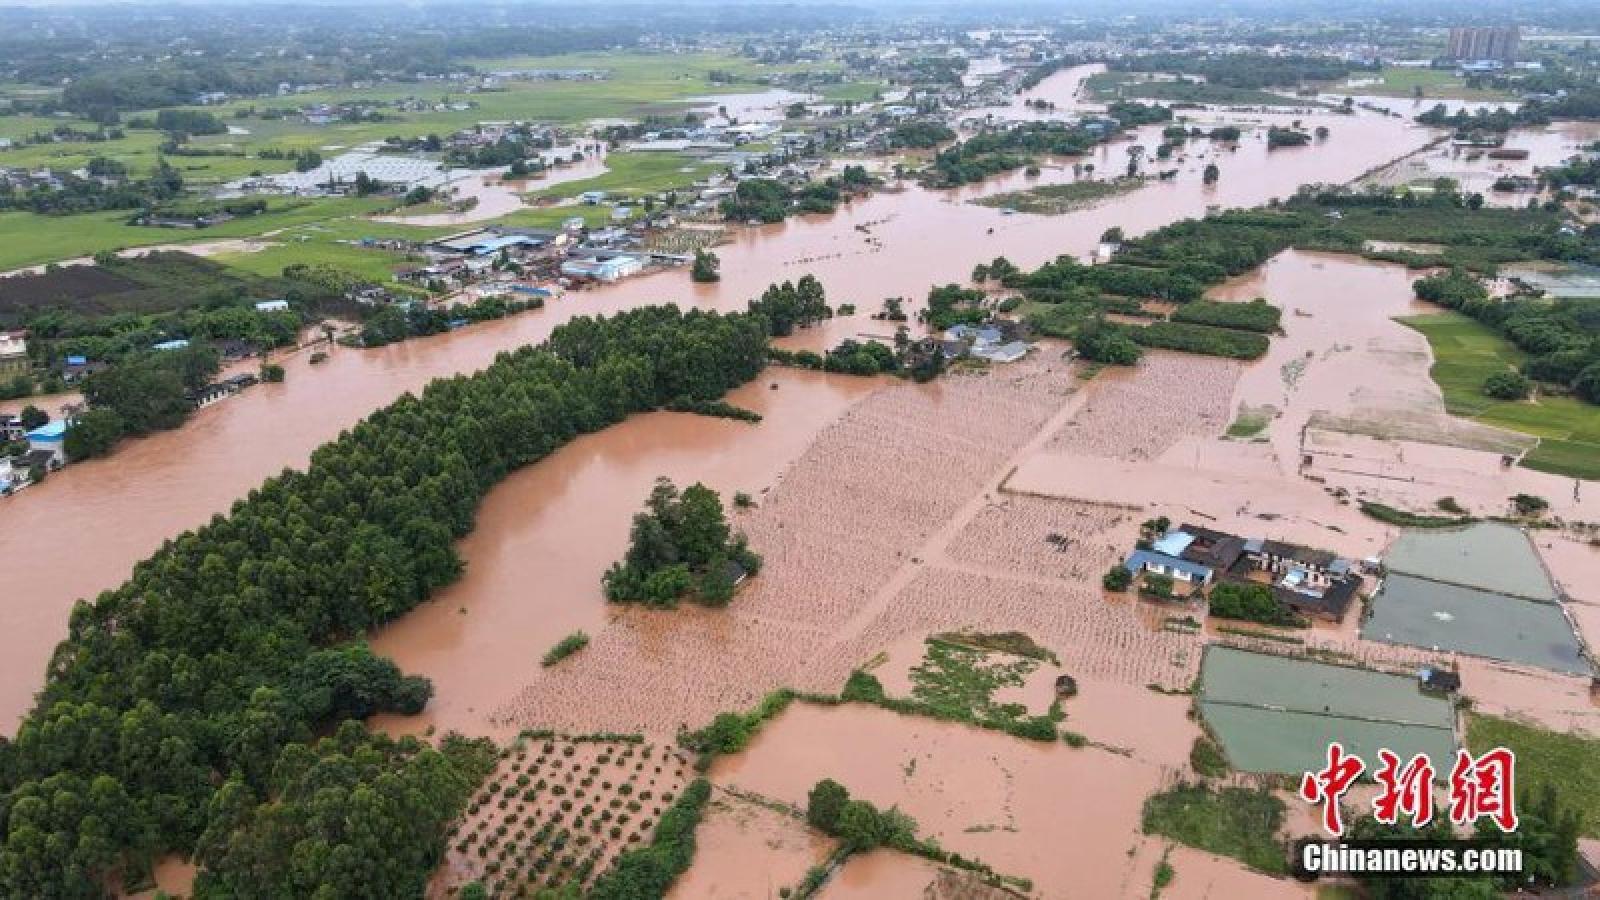 Trung Quốc: 219 người thiệt mạng và mất tích do mưa lũ